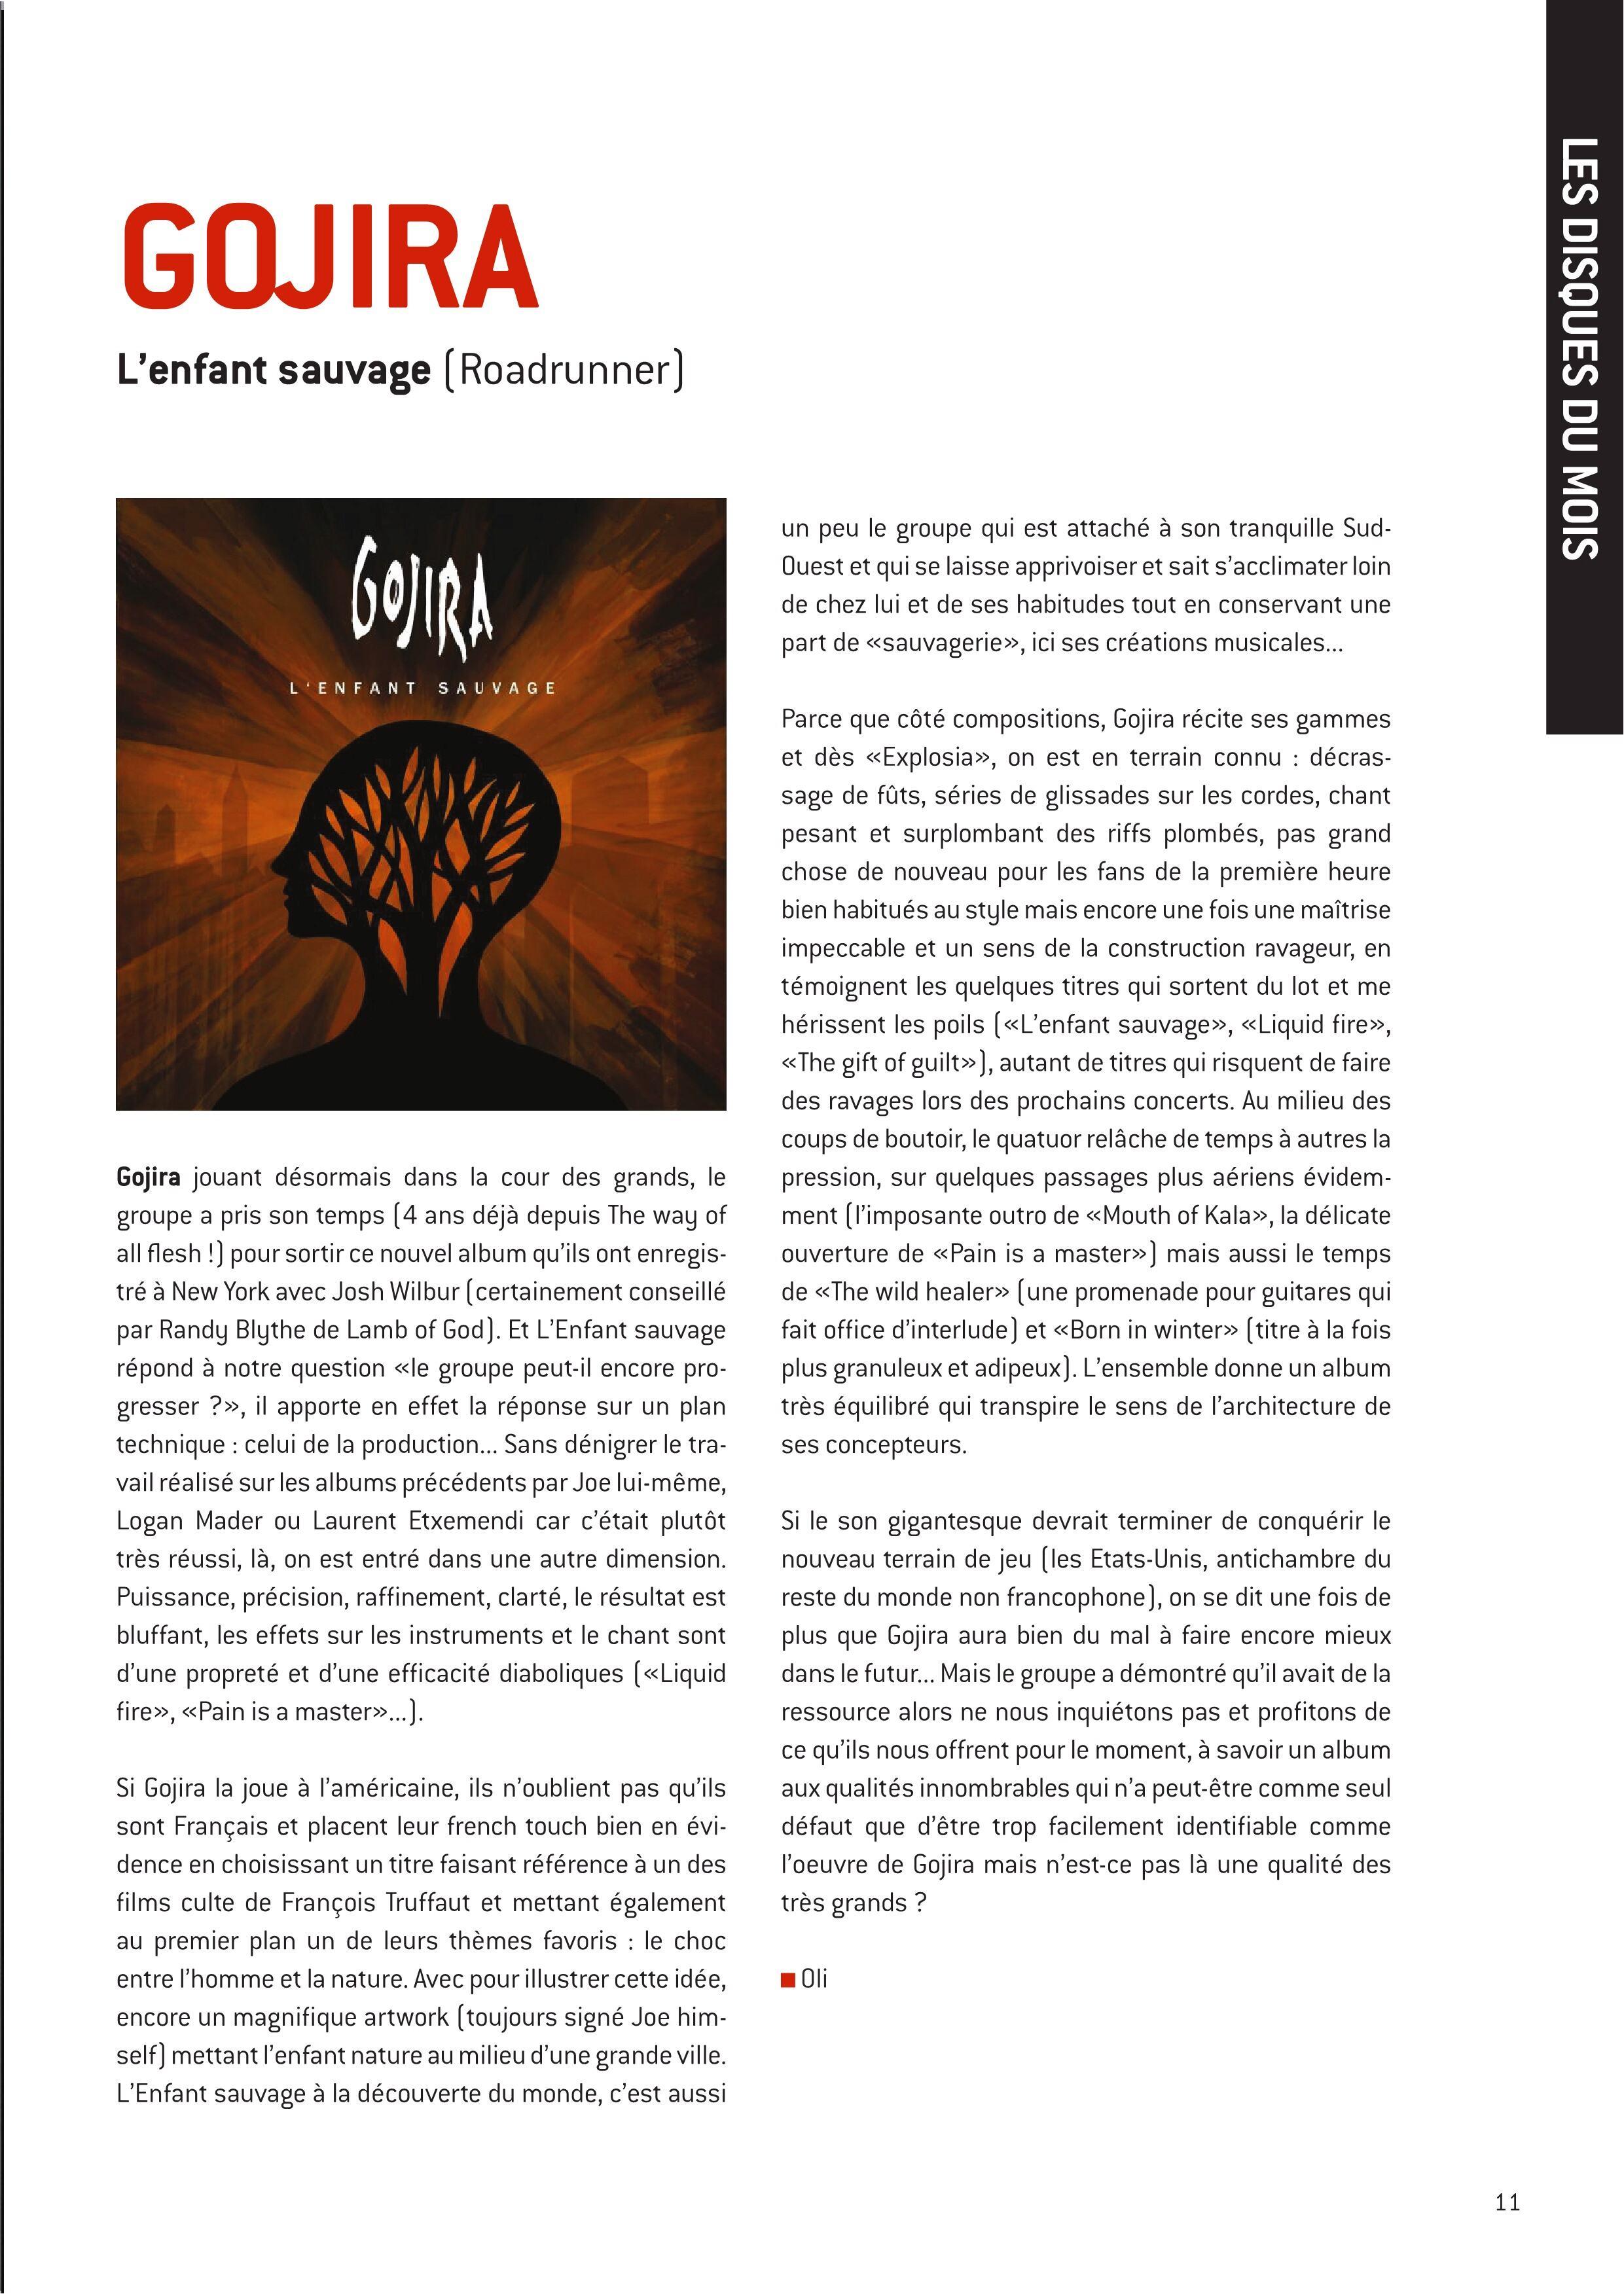 Chronique sur l'album de GOJIRA L'enfant sauvage (Archive à lire) W-fene54